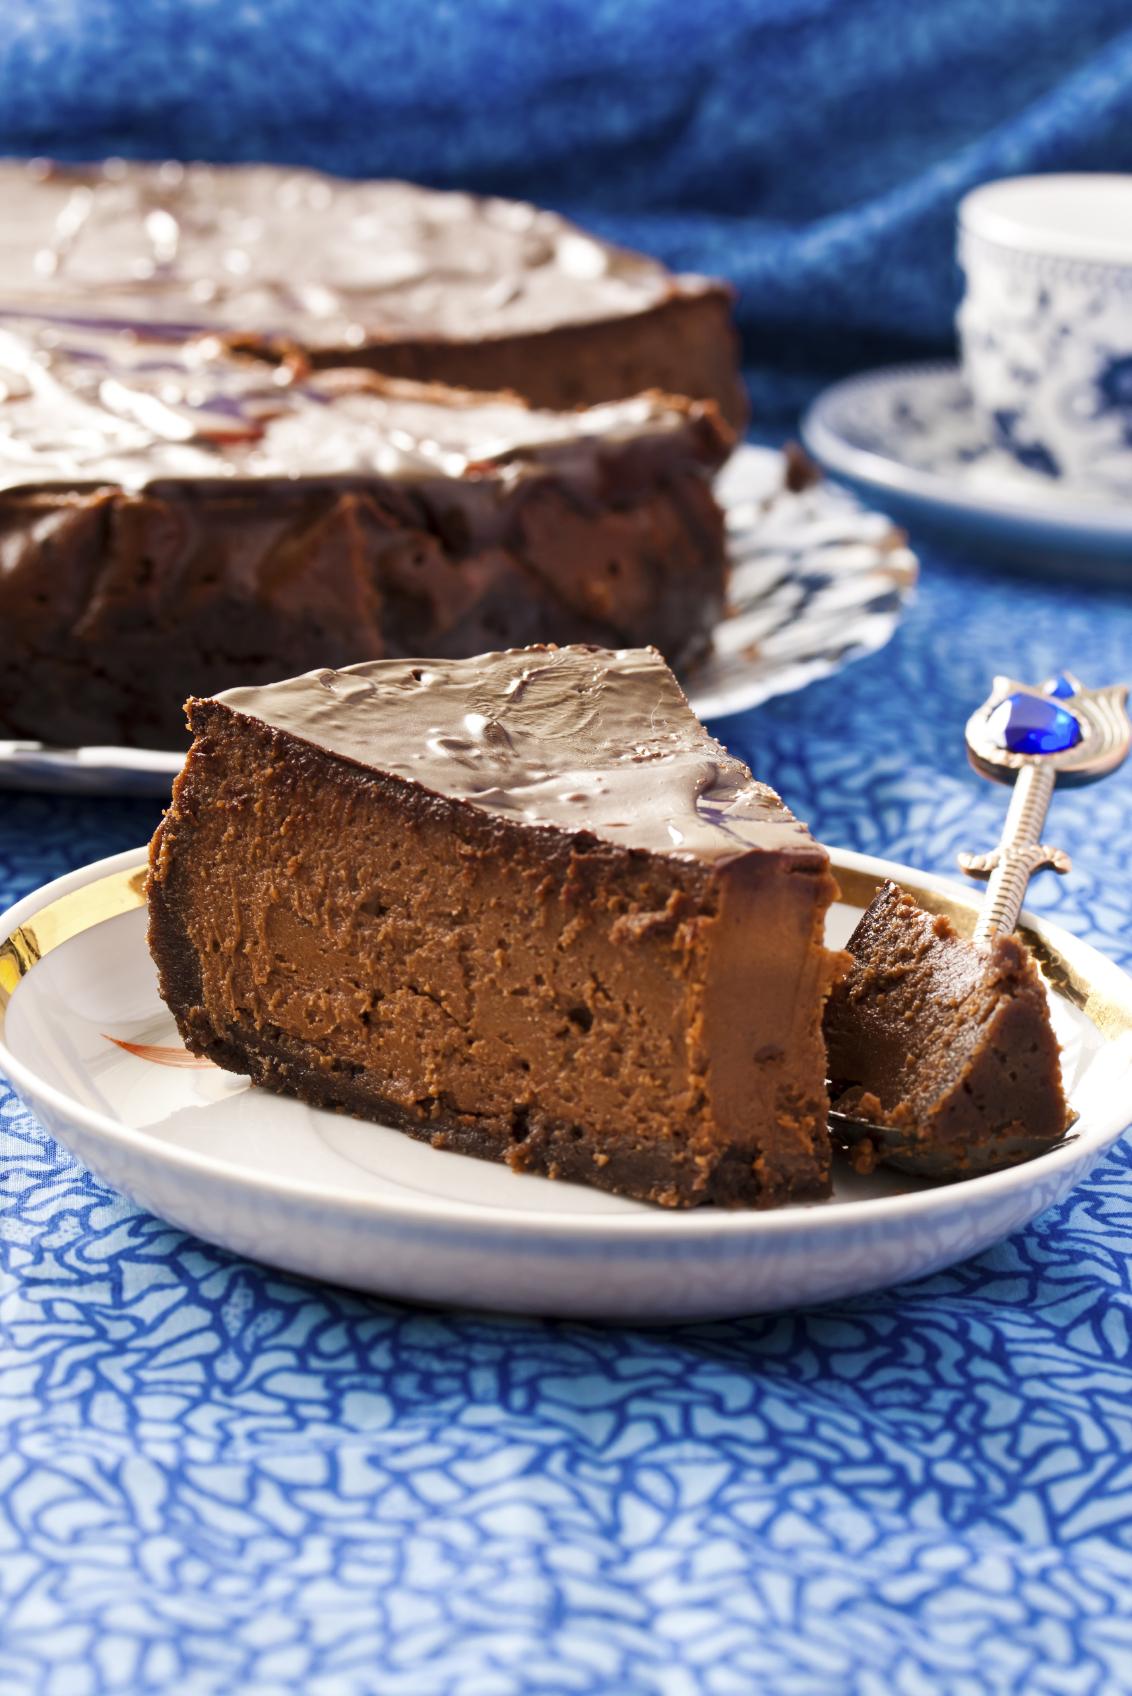 Cheesecake con mousse de chocolate